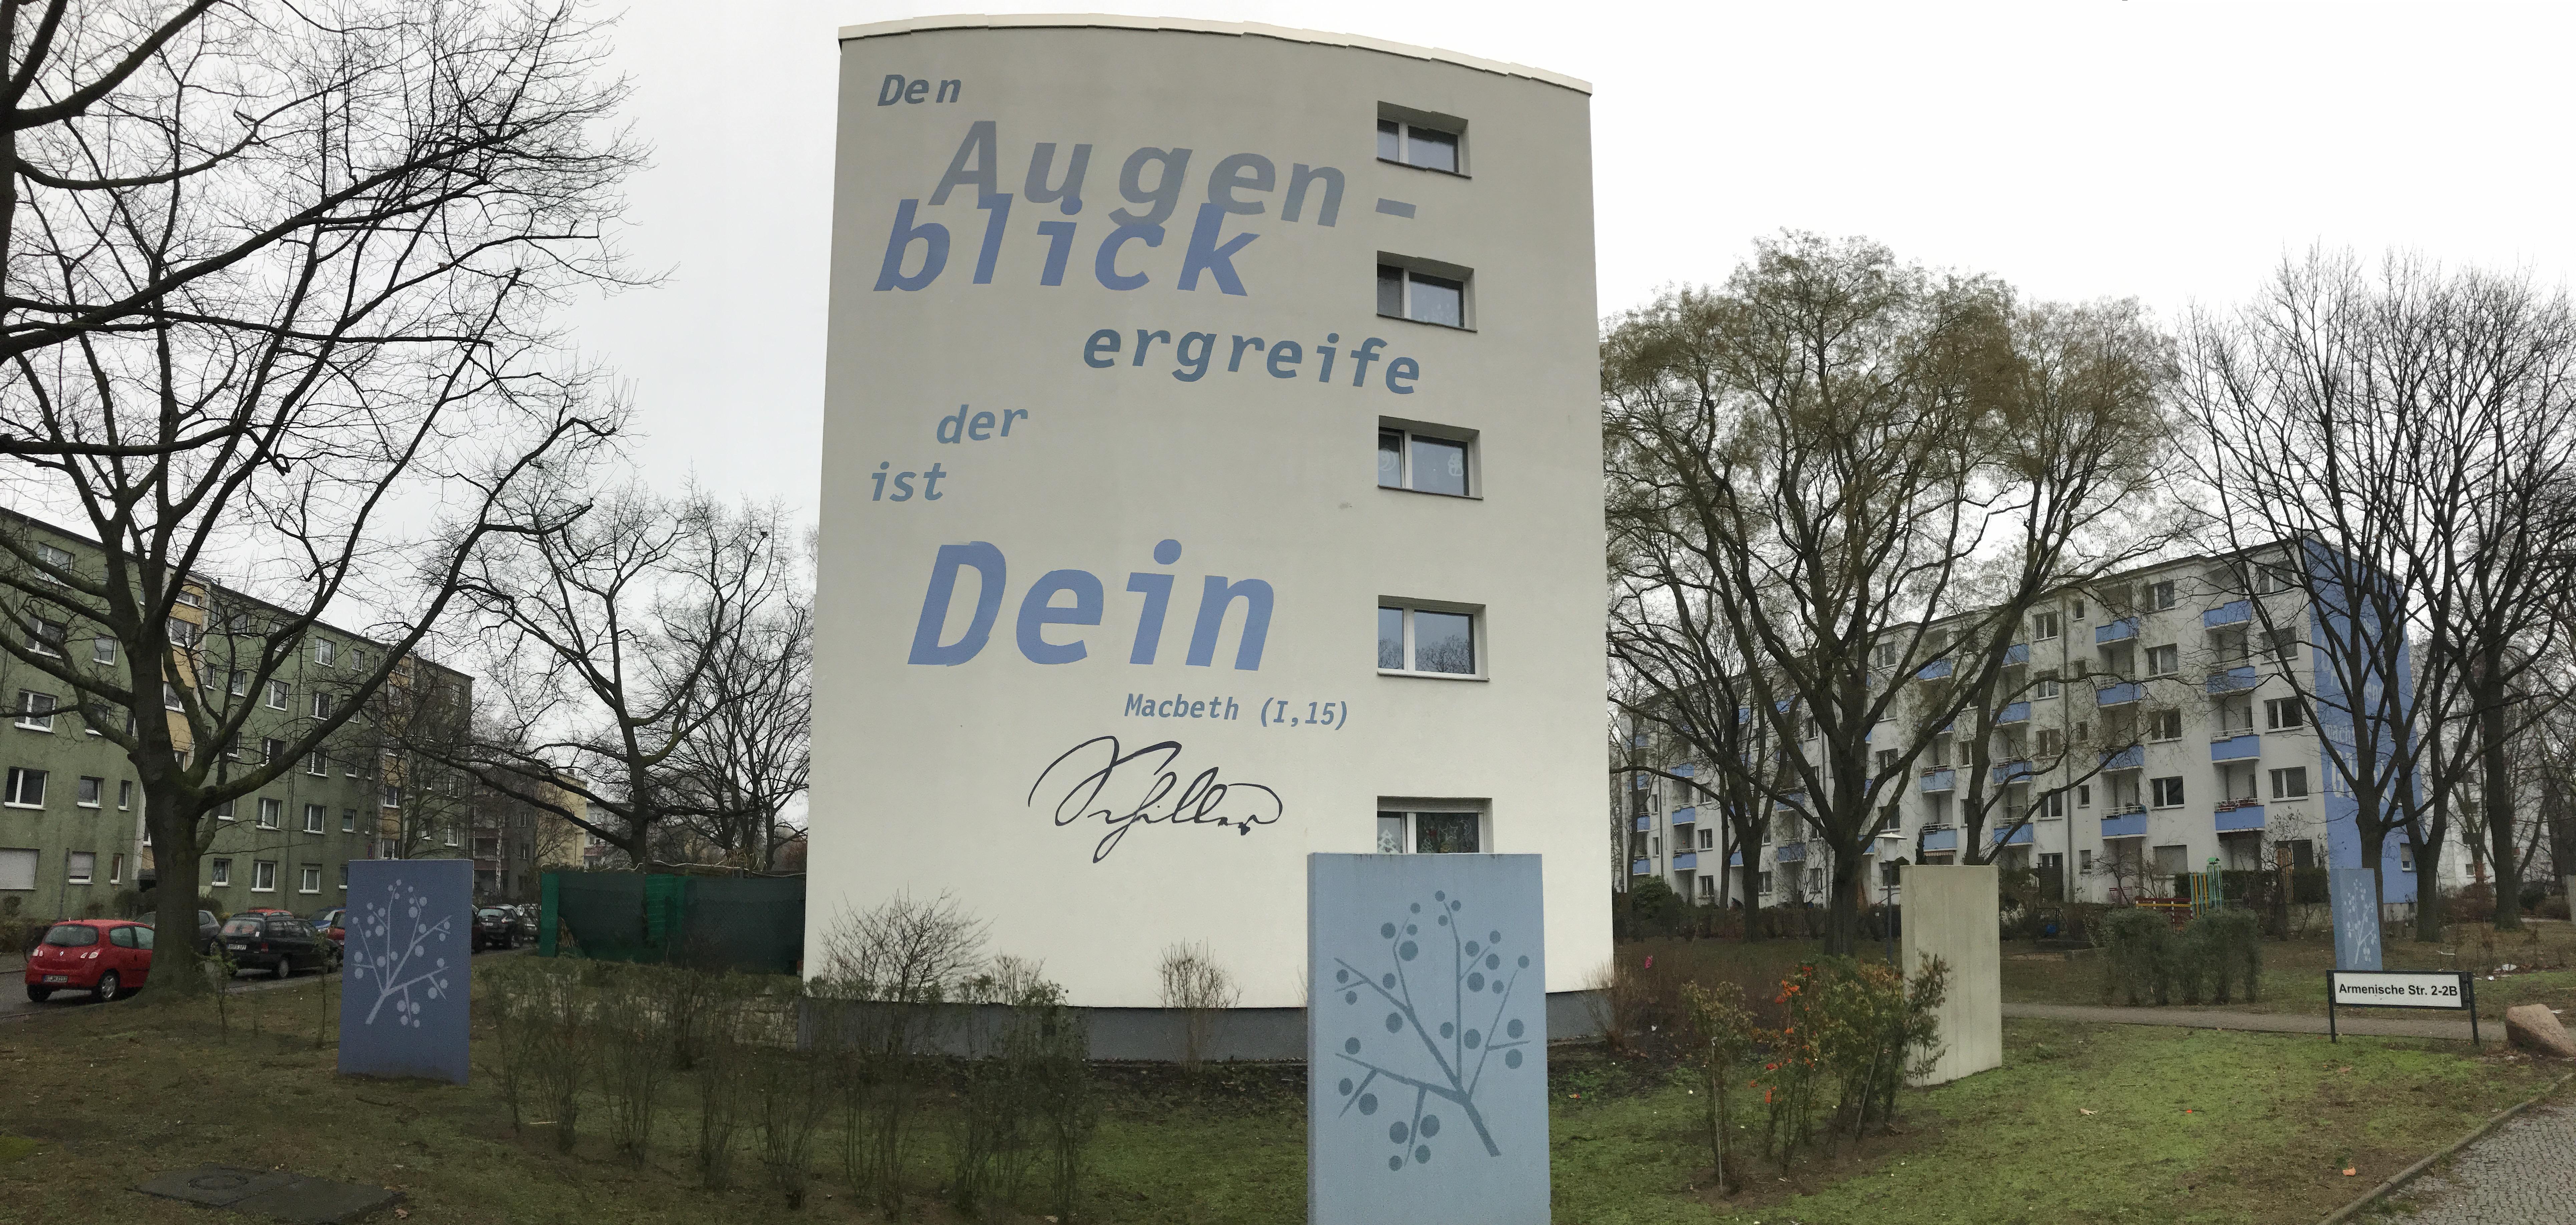 Den Augenblick ergreife, Armenische Str. 2, Berlin, Foto von Susanne Haun (c) VG Bild-Kunst, Bonn 2019